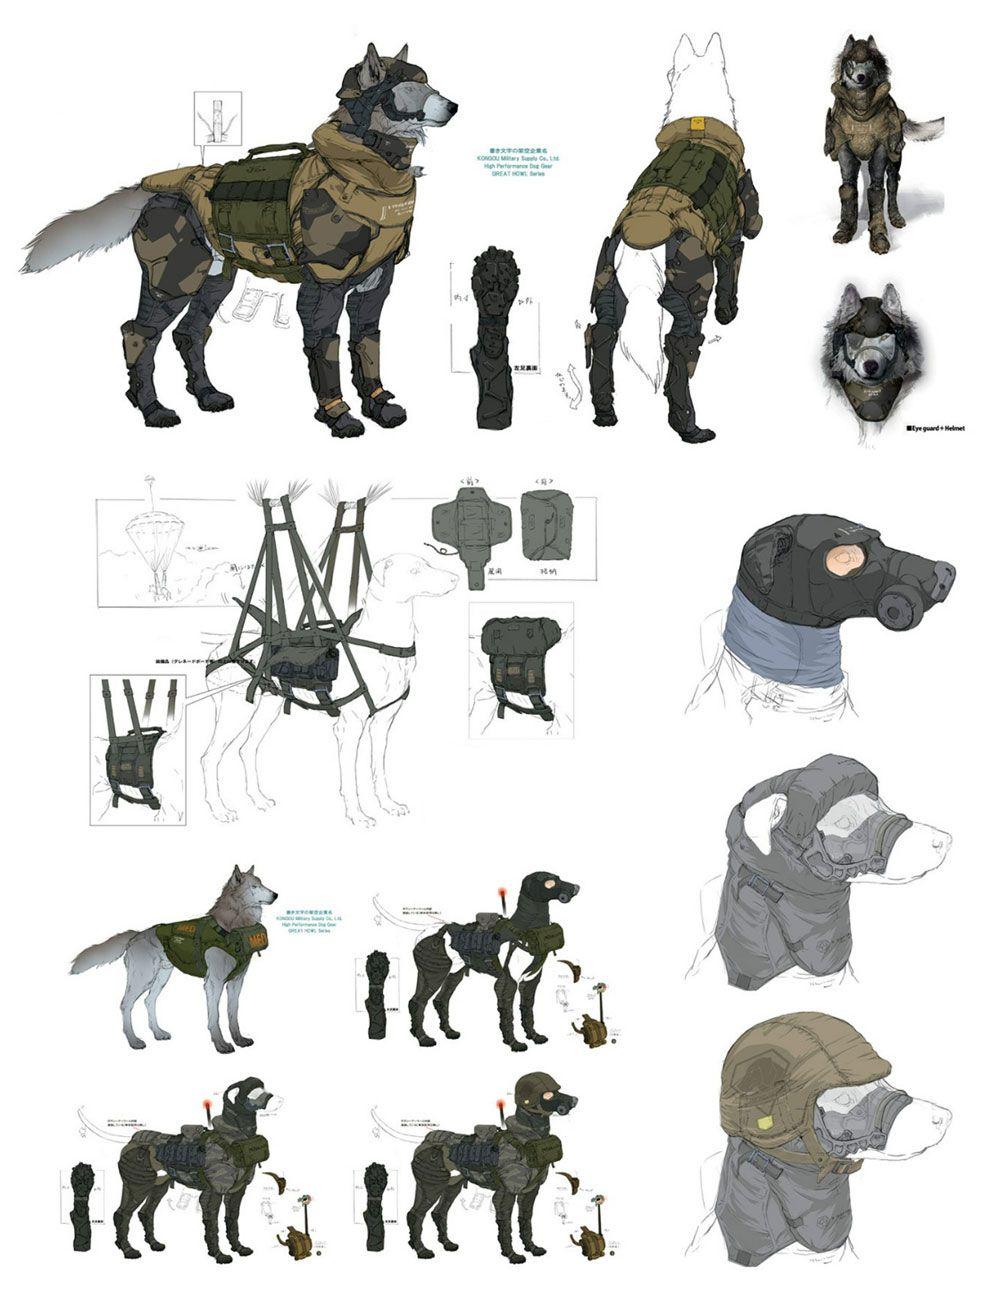 D-Dog Artwork from Metal Gear Solid V #art #artwork #gaming #videogames #gamer #gameart #conceptart #illustration #metalgearsolid #mgs5 #metalgearsolid5